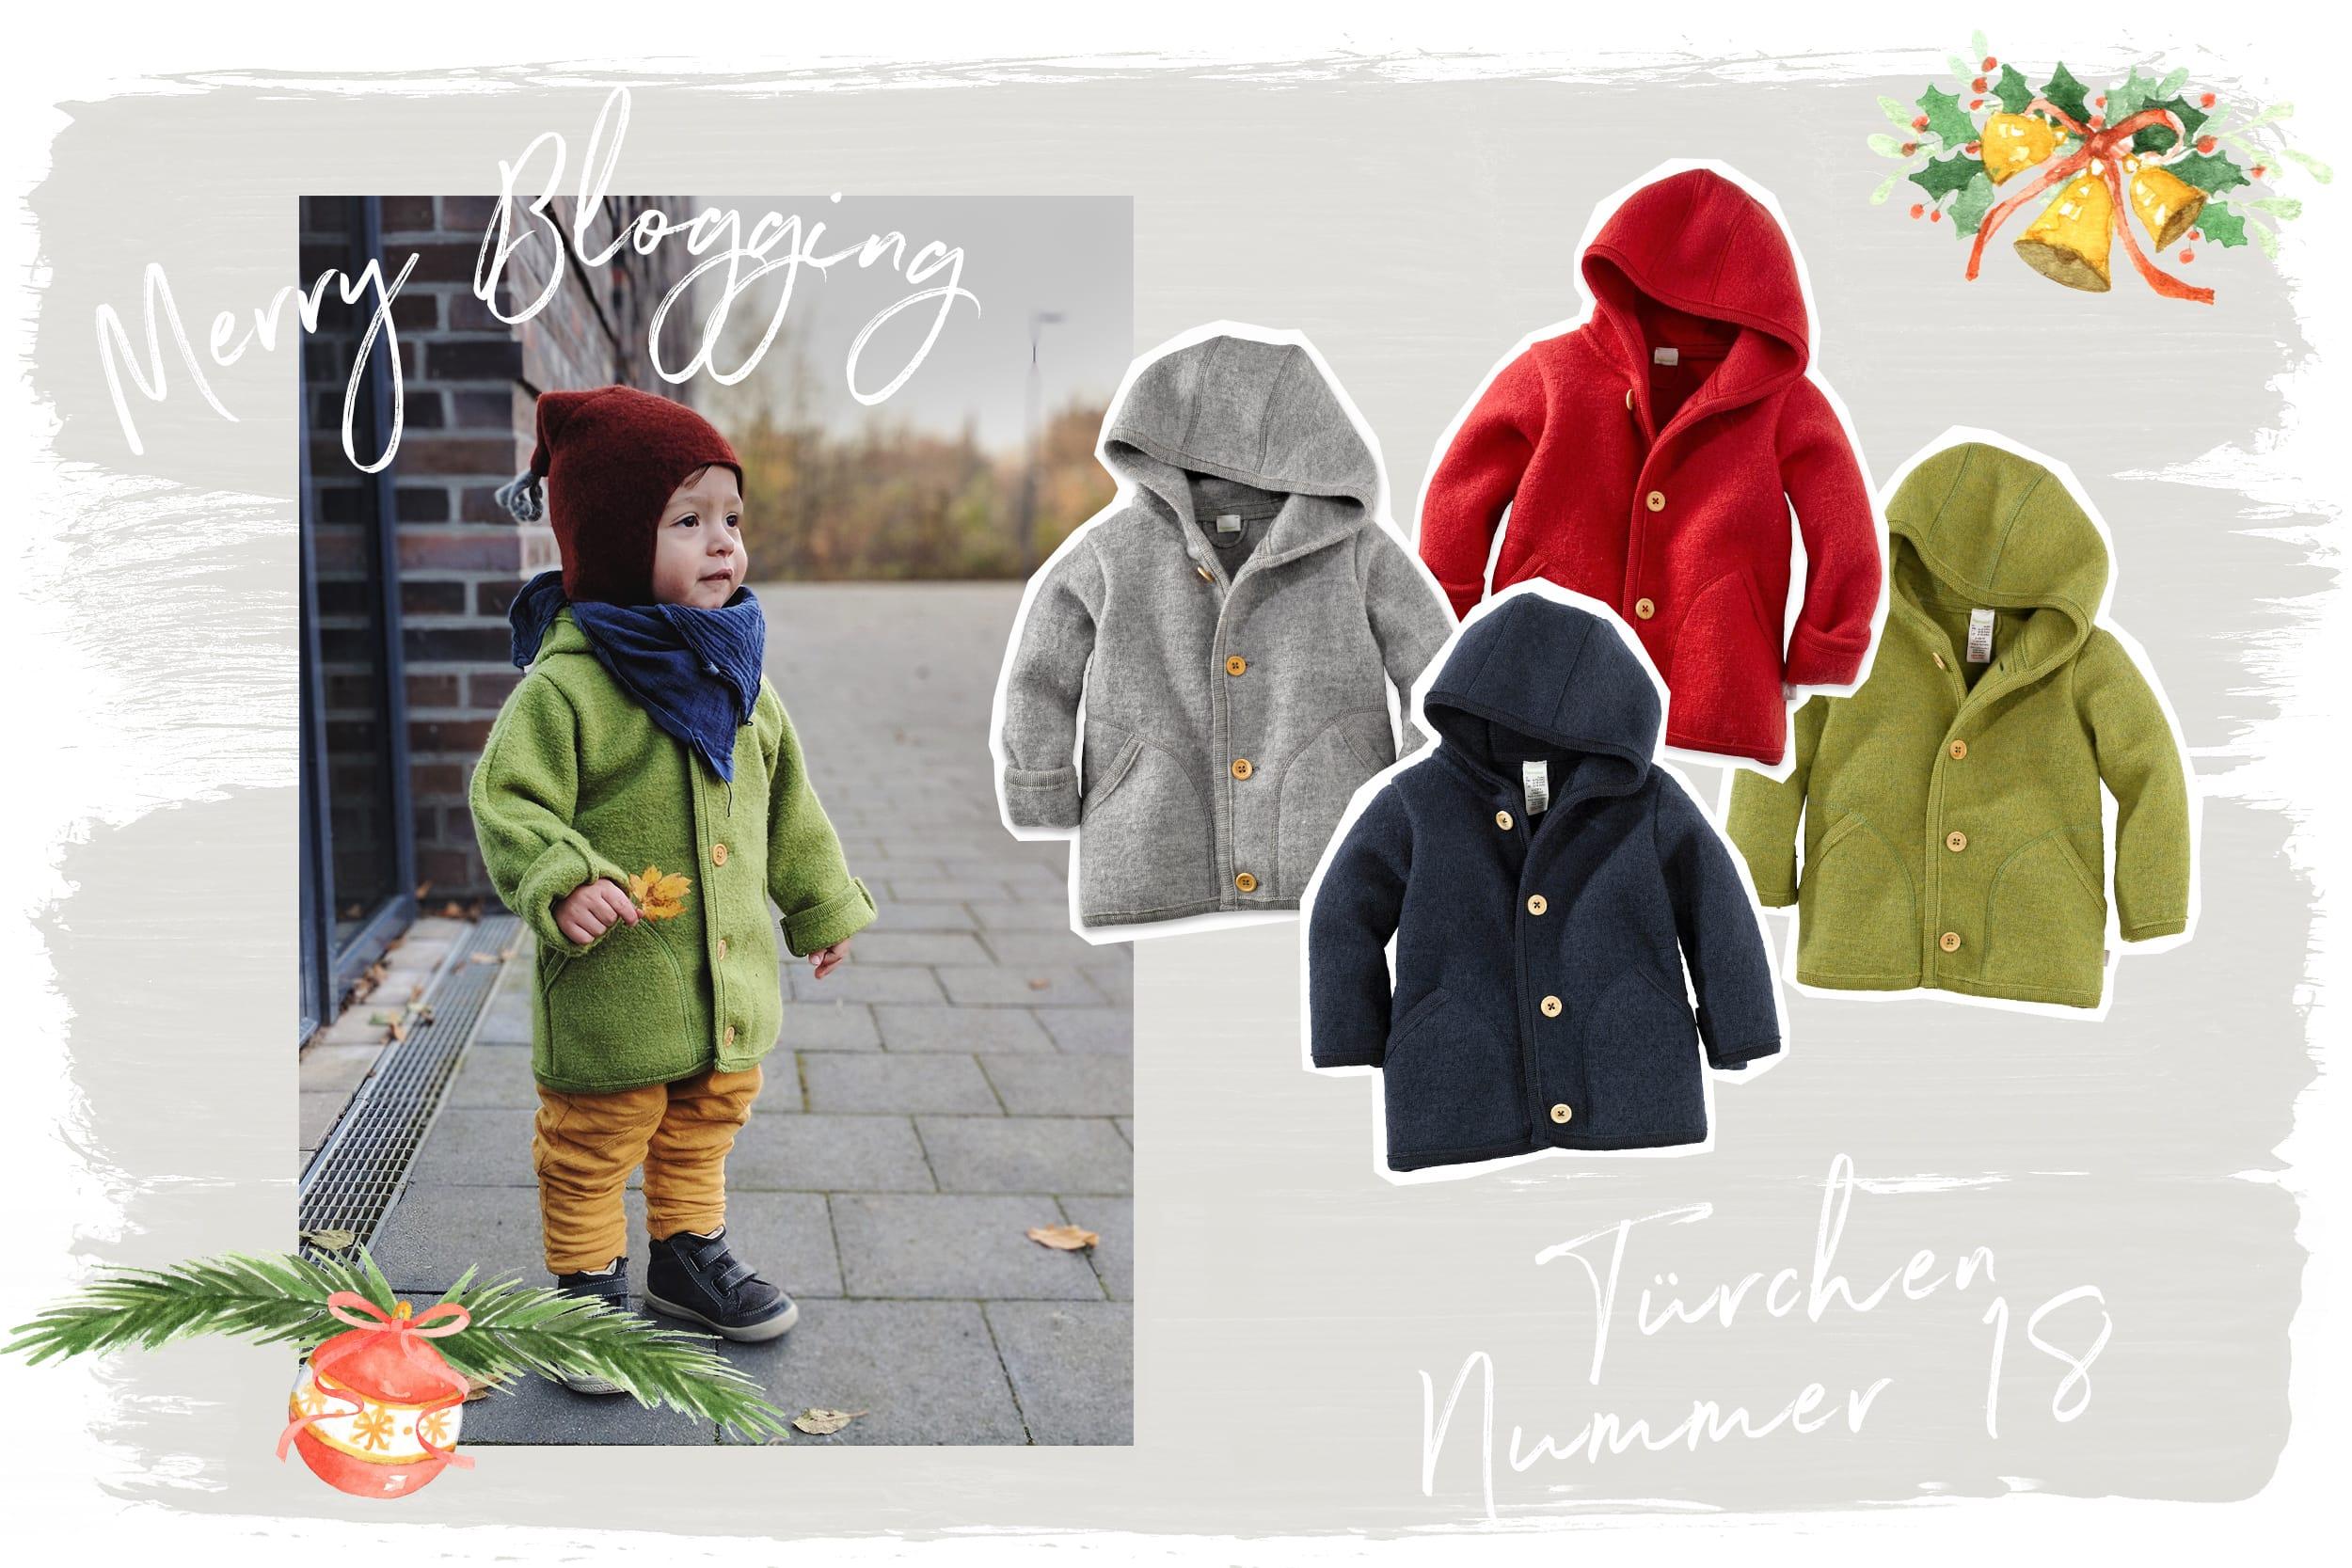 Merry Blogging | Blogger Adventskalender | Türchen Nr. 18 | Walkjacke von Hessnatur | Gewinne eine Wollwalk Jacke von Hessnatur aus reiner Bio-Schurwolle